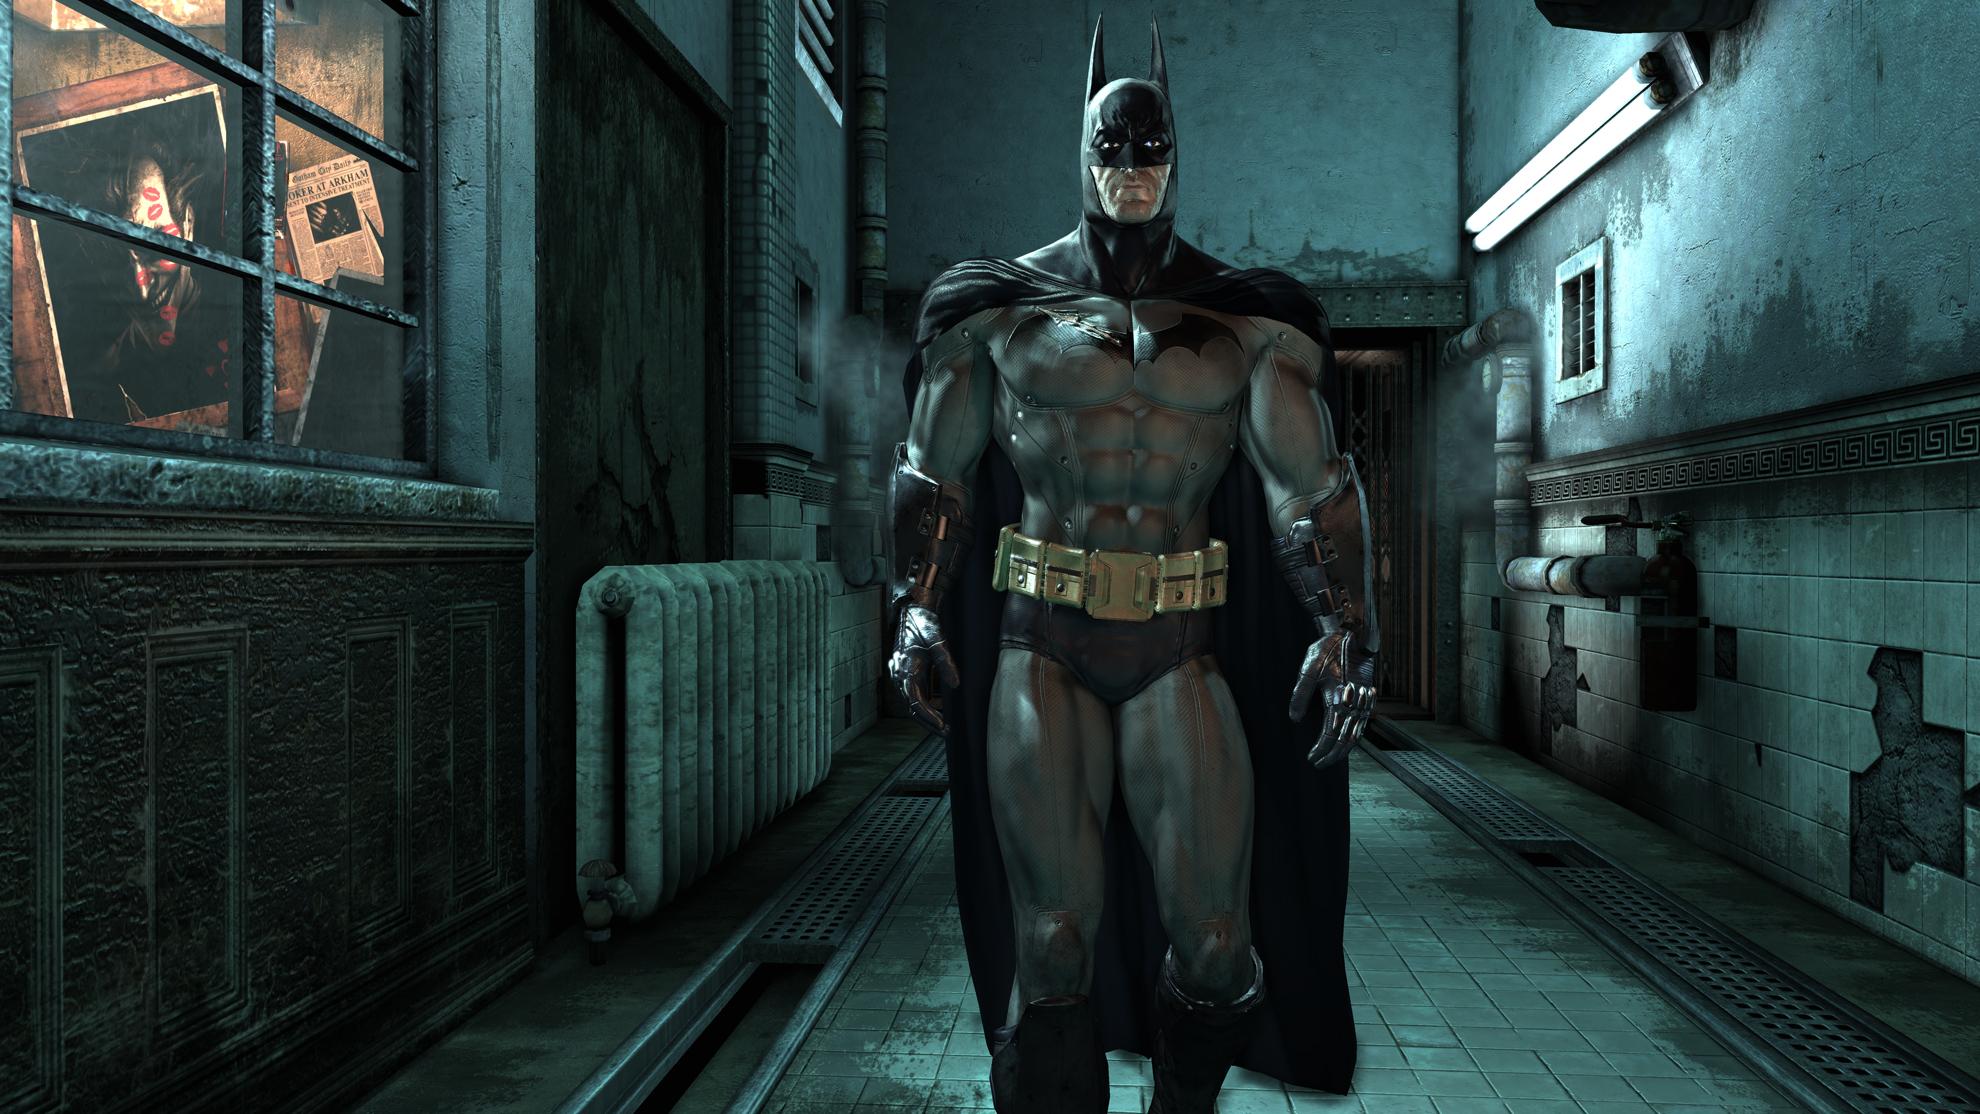 batman-arkham-asylum-3